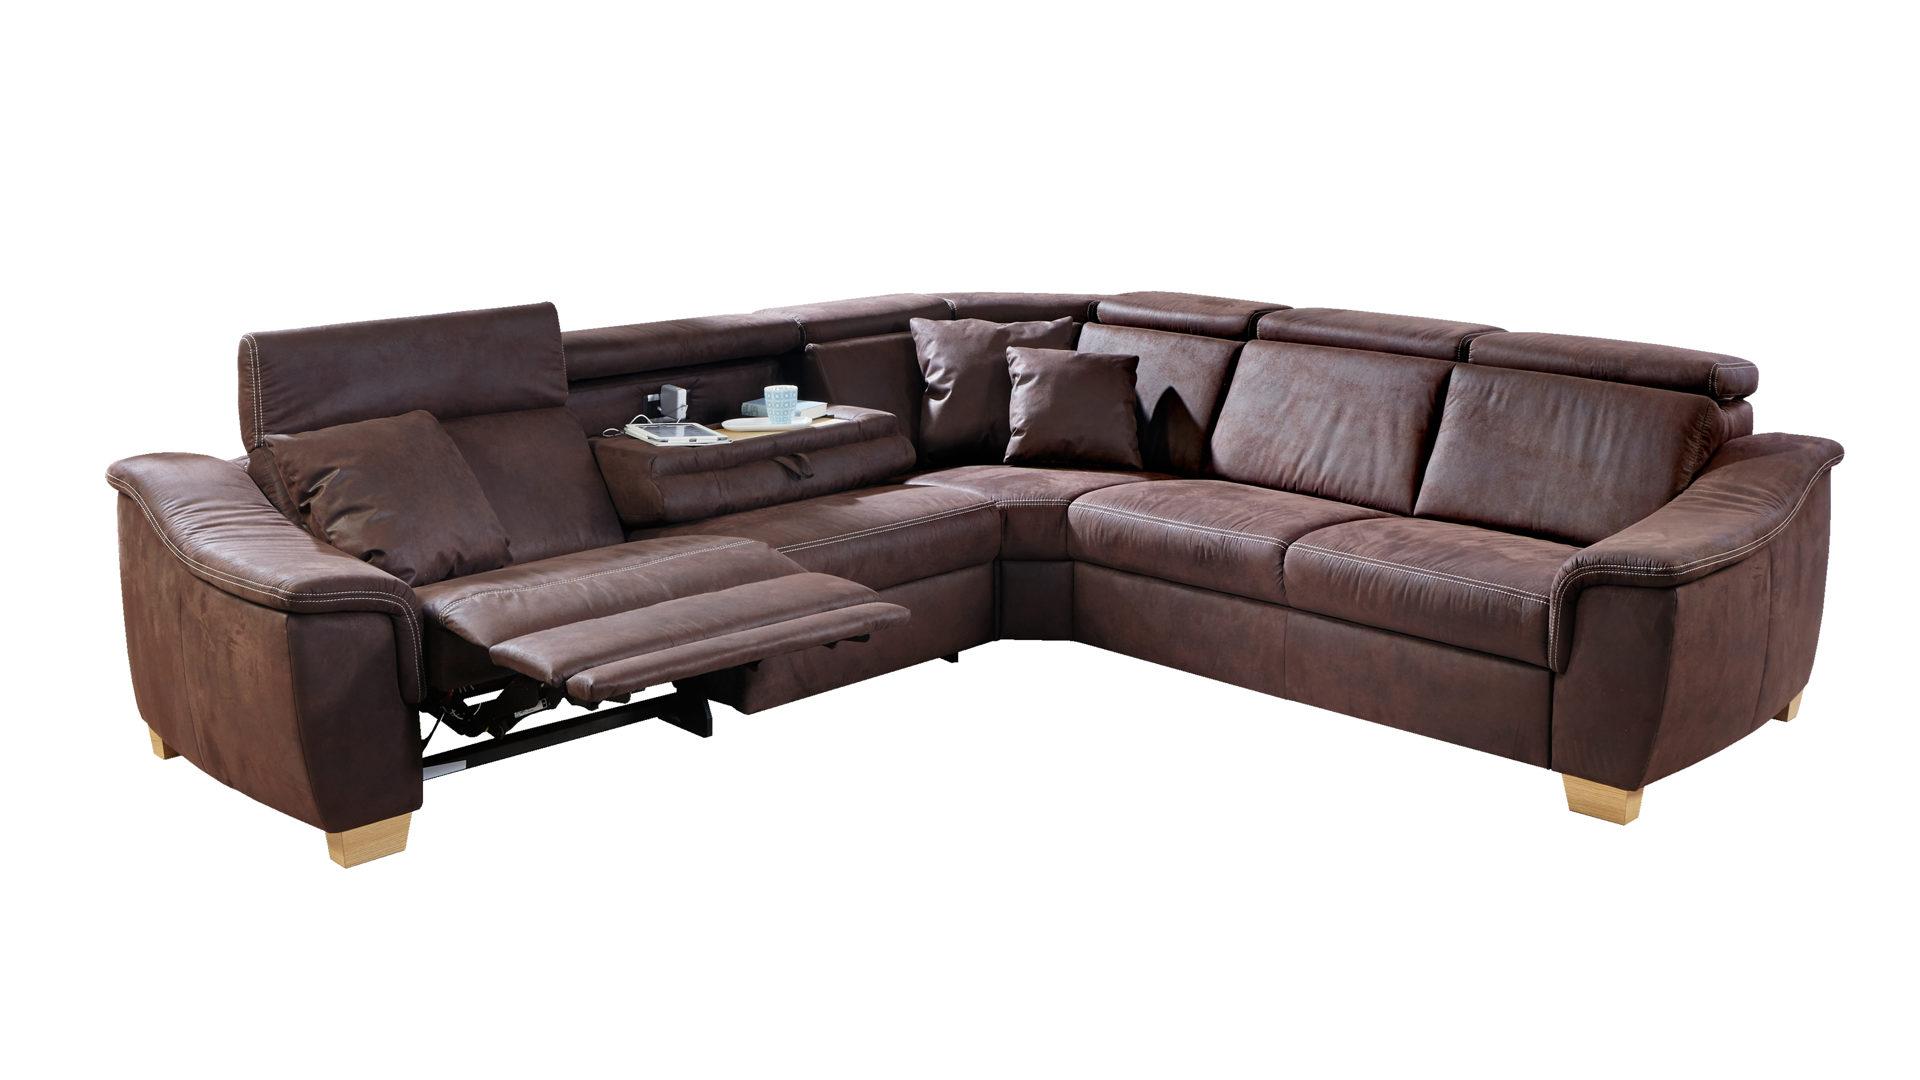 Hervorragend Möbel Bernskötter Mülheim | Modulmaster Wohnlandschaft Concord S  AK05